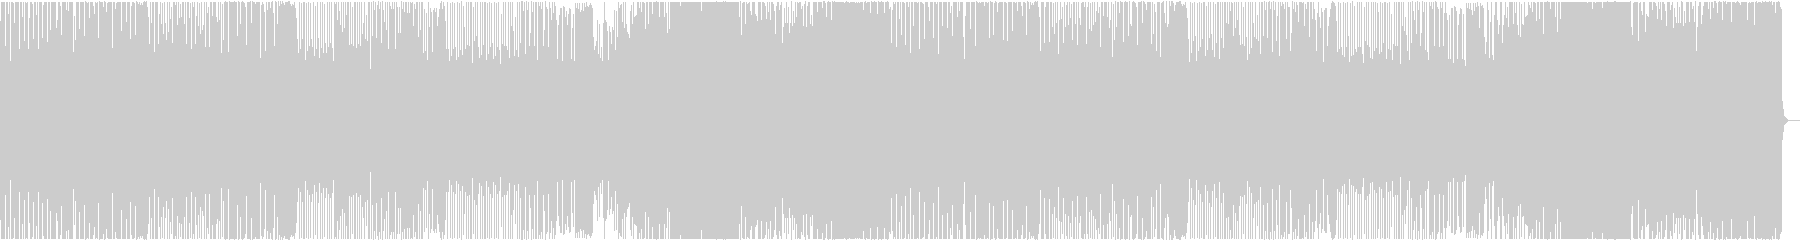 少し奇妙なエレクトロ系の楽曲の未再生の波形